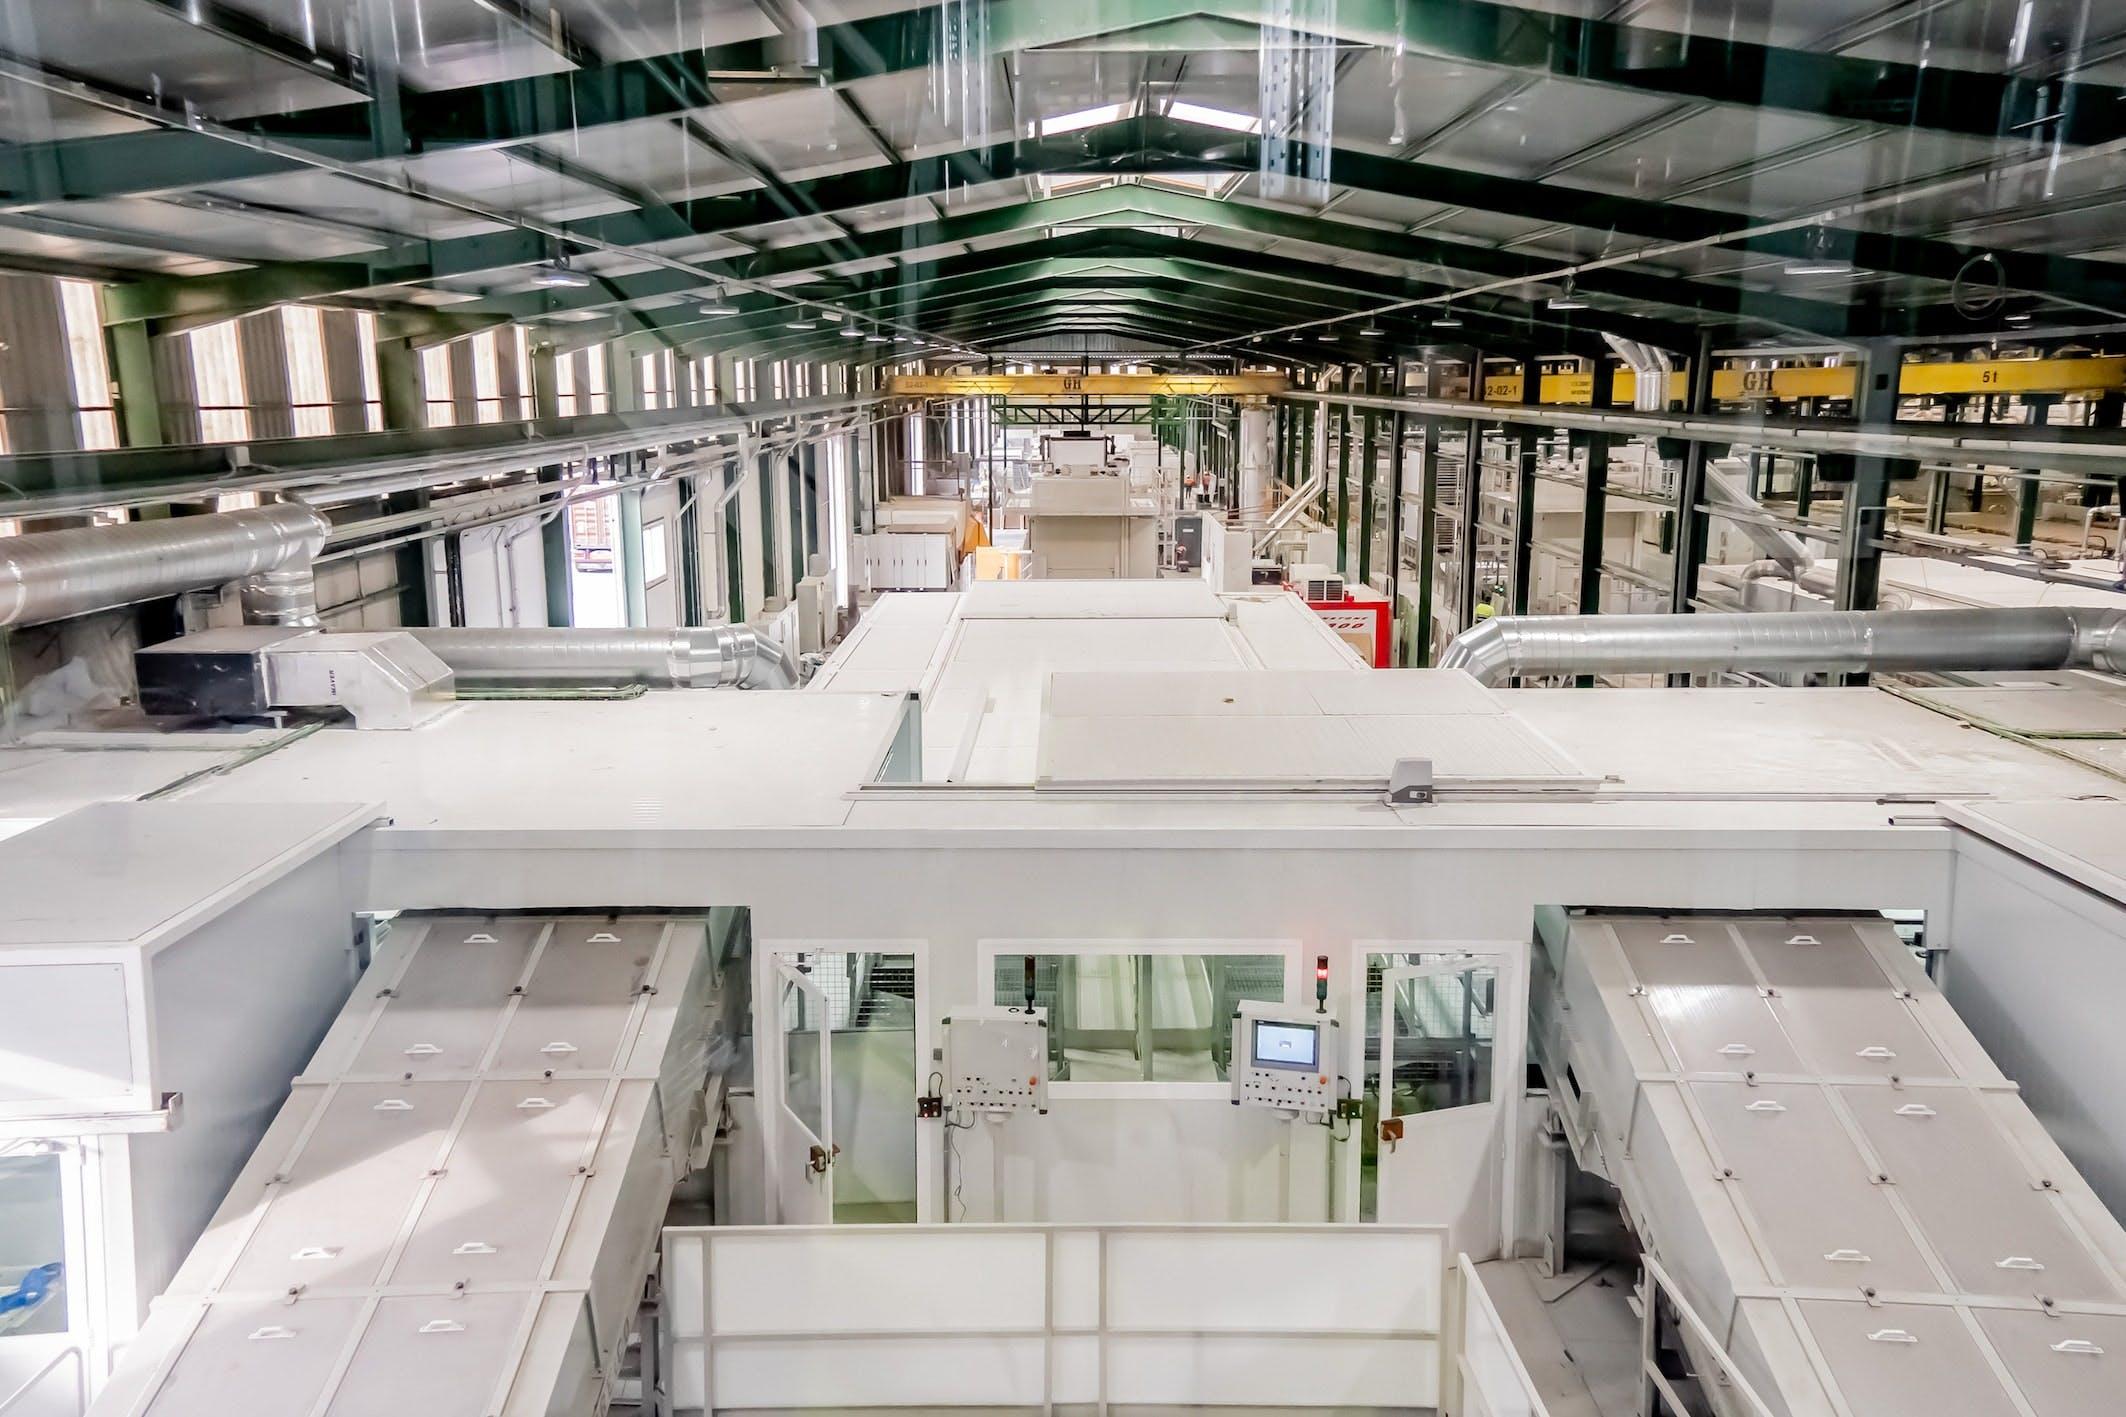 Image of Interior Planta Silestone Cosentino HQ 1 6 in Cosentino Group reports strong results in 2020 - Cosentino